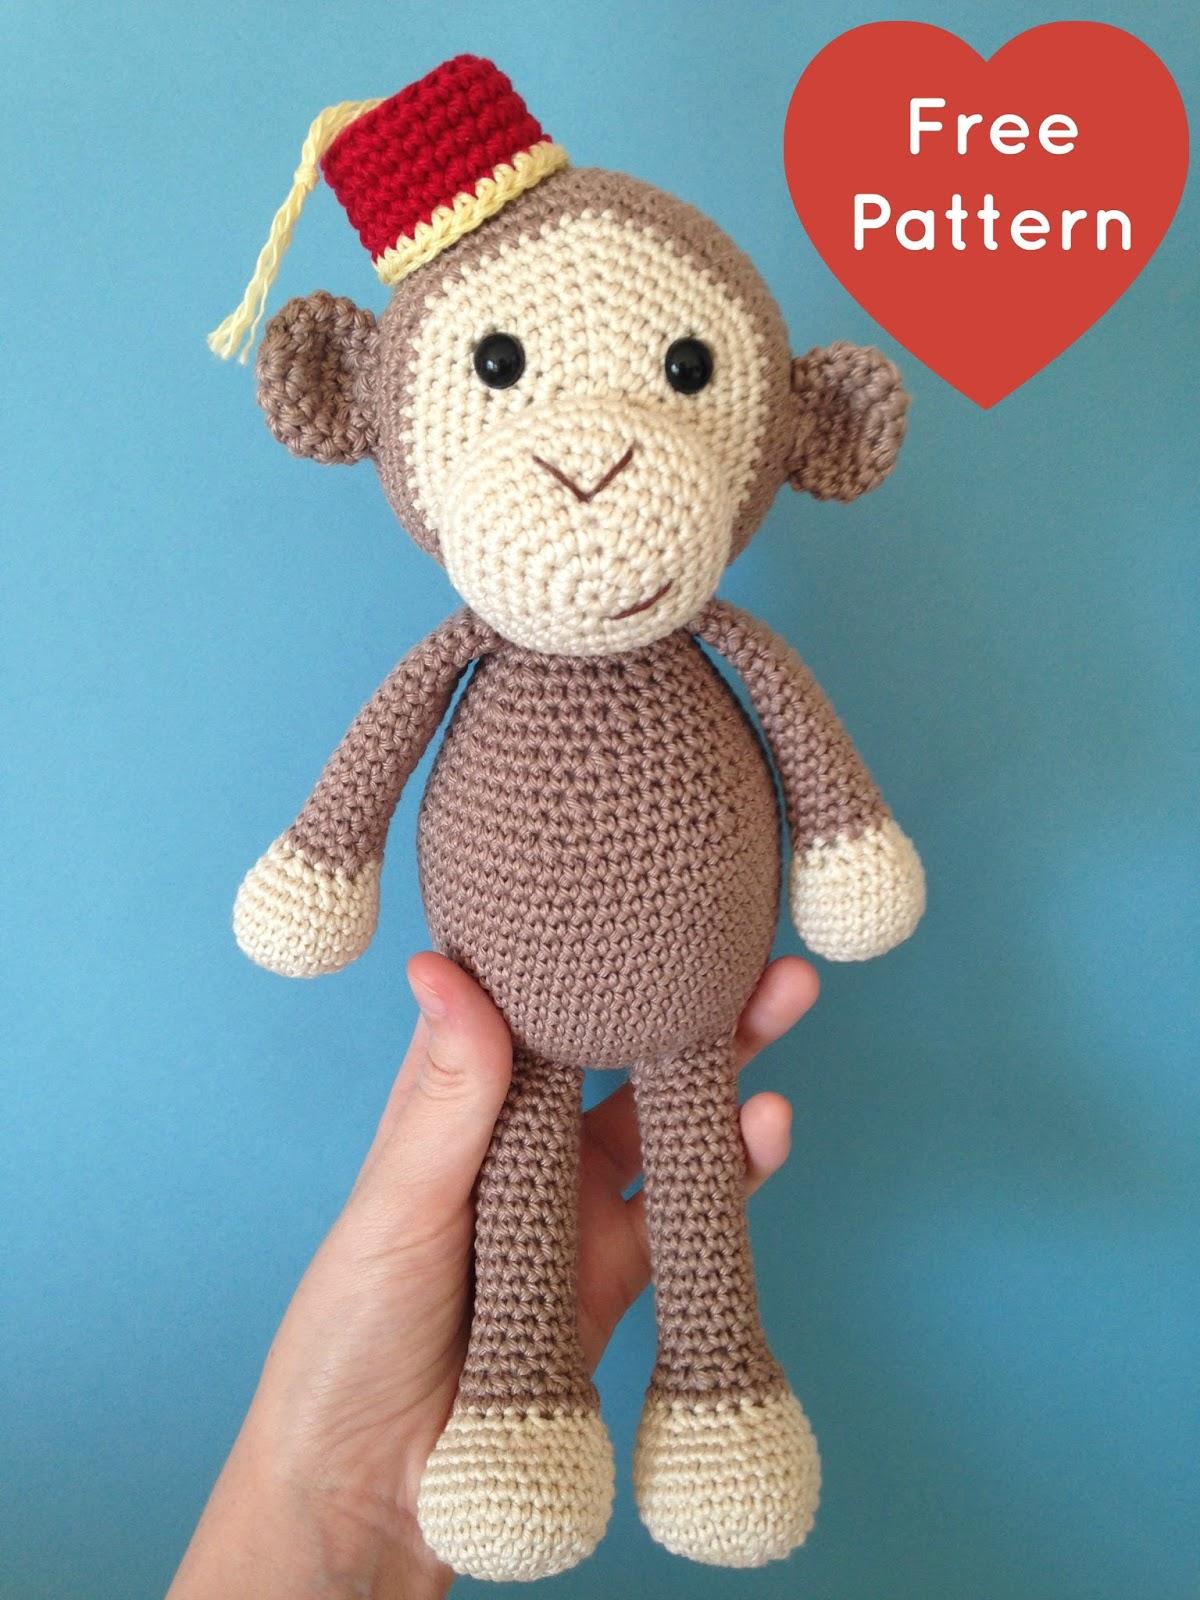 Cheeky Little Monkey - Free Crochet / Amigurumi Pattern